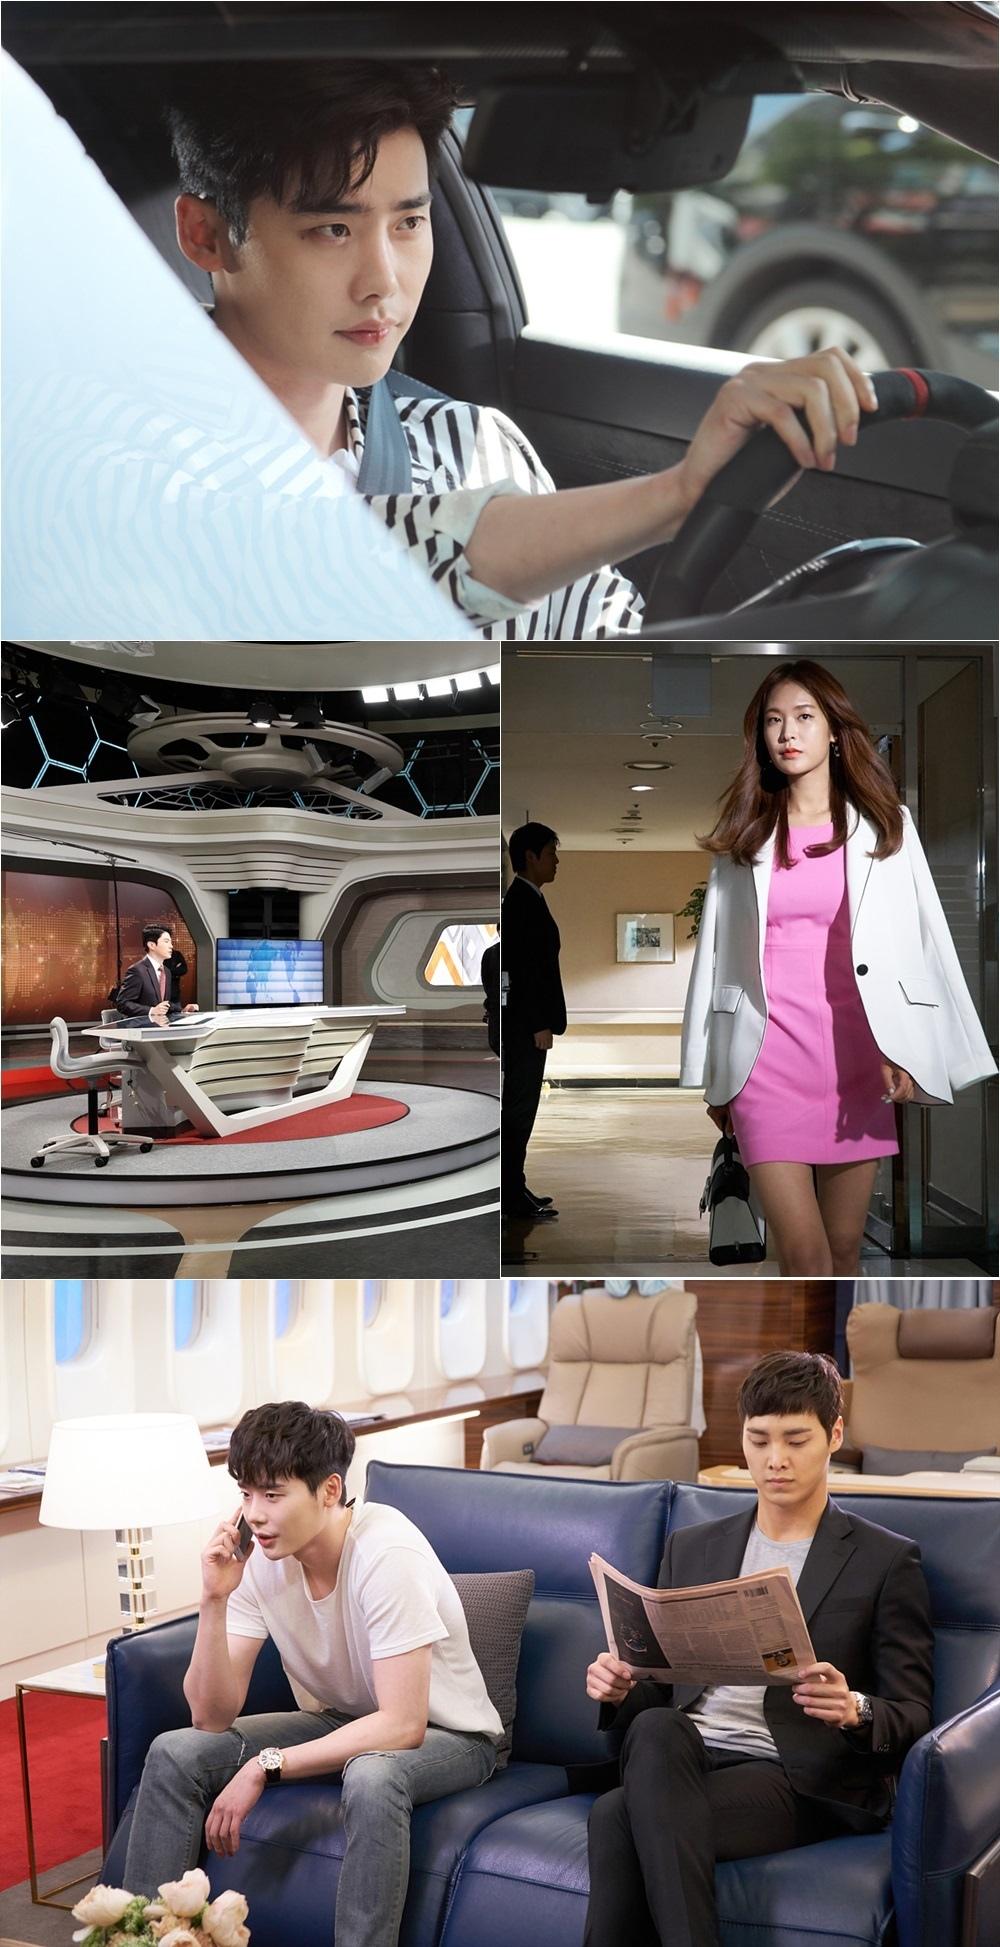 《W》最新劇照發布 李鍾碩的奢華日常公開